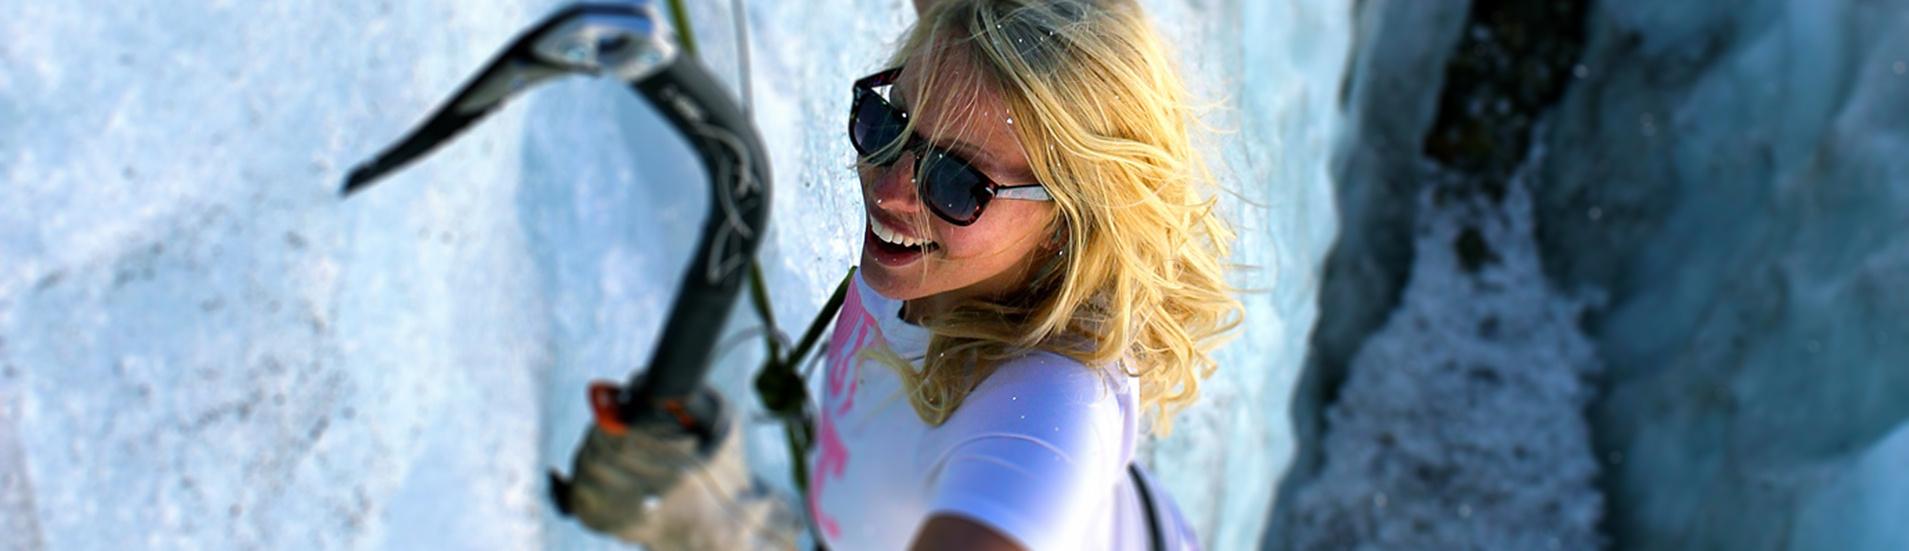 Interlaken <span>Adventure &ndash;</span> <br />Die Nummer 1 in Sachen <span>Abenteuersport!</span>